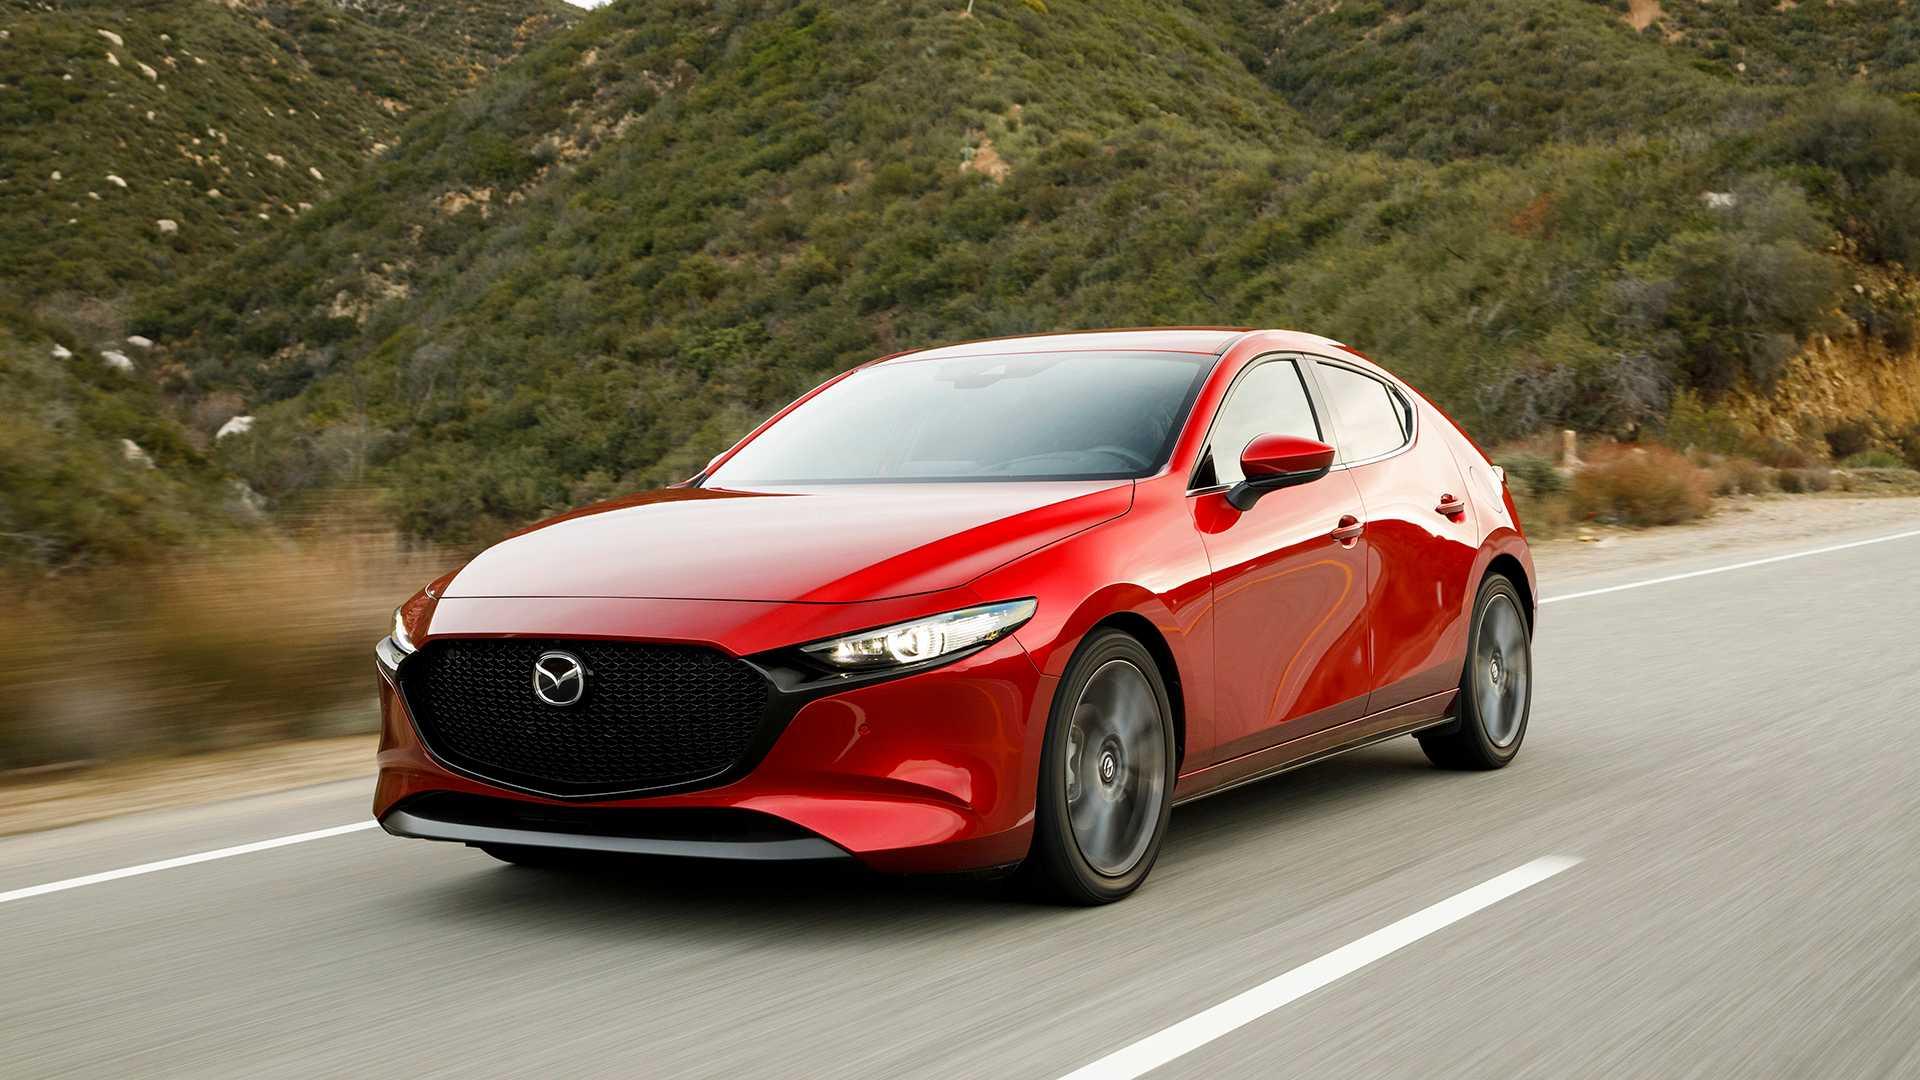 61 New 2020 Mazda 3 Jalopnik Release Date with 2020 Mazda 3 Jalopnik